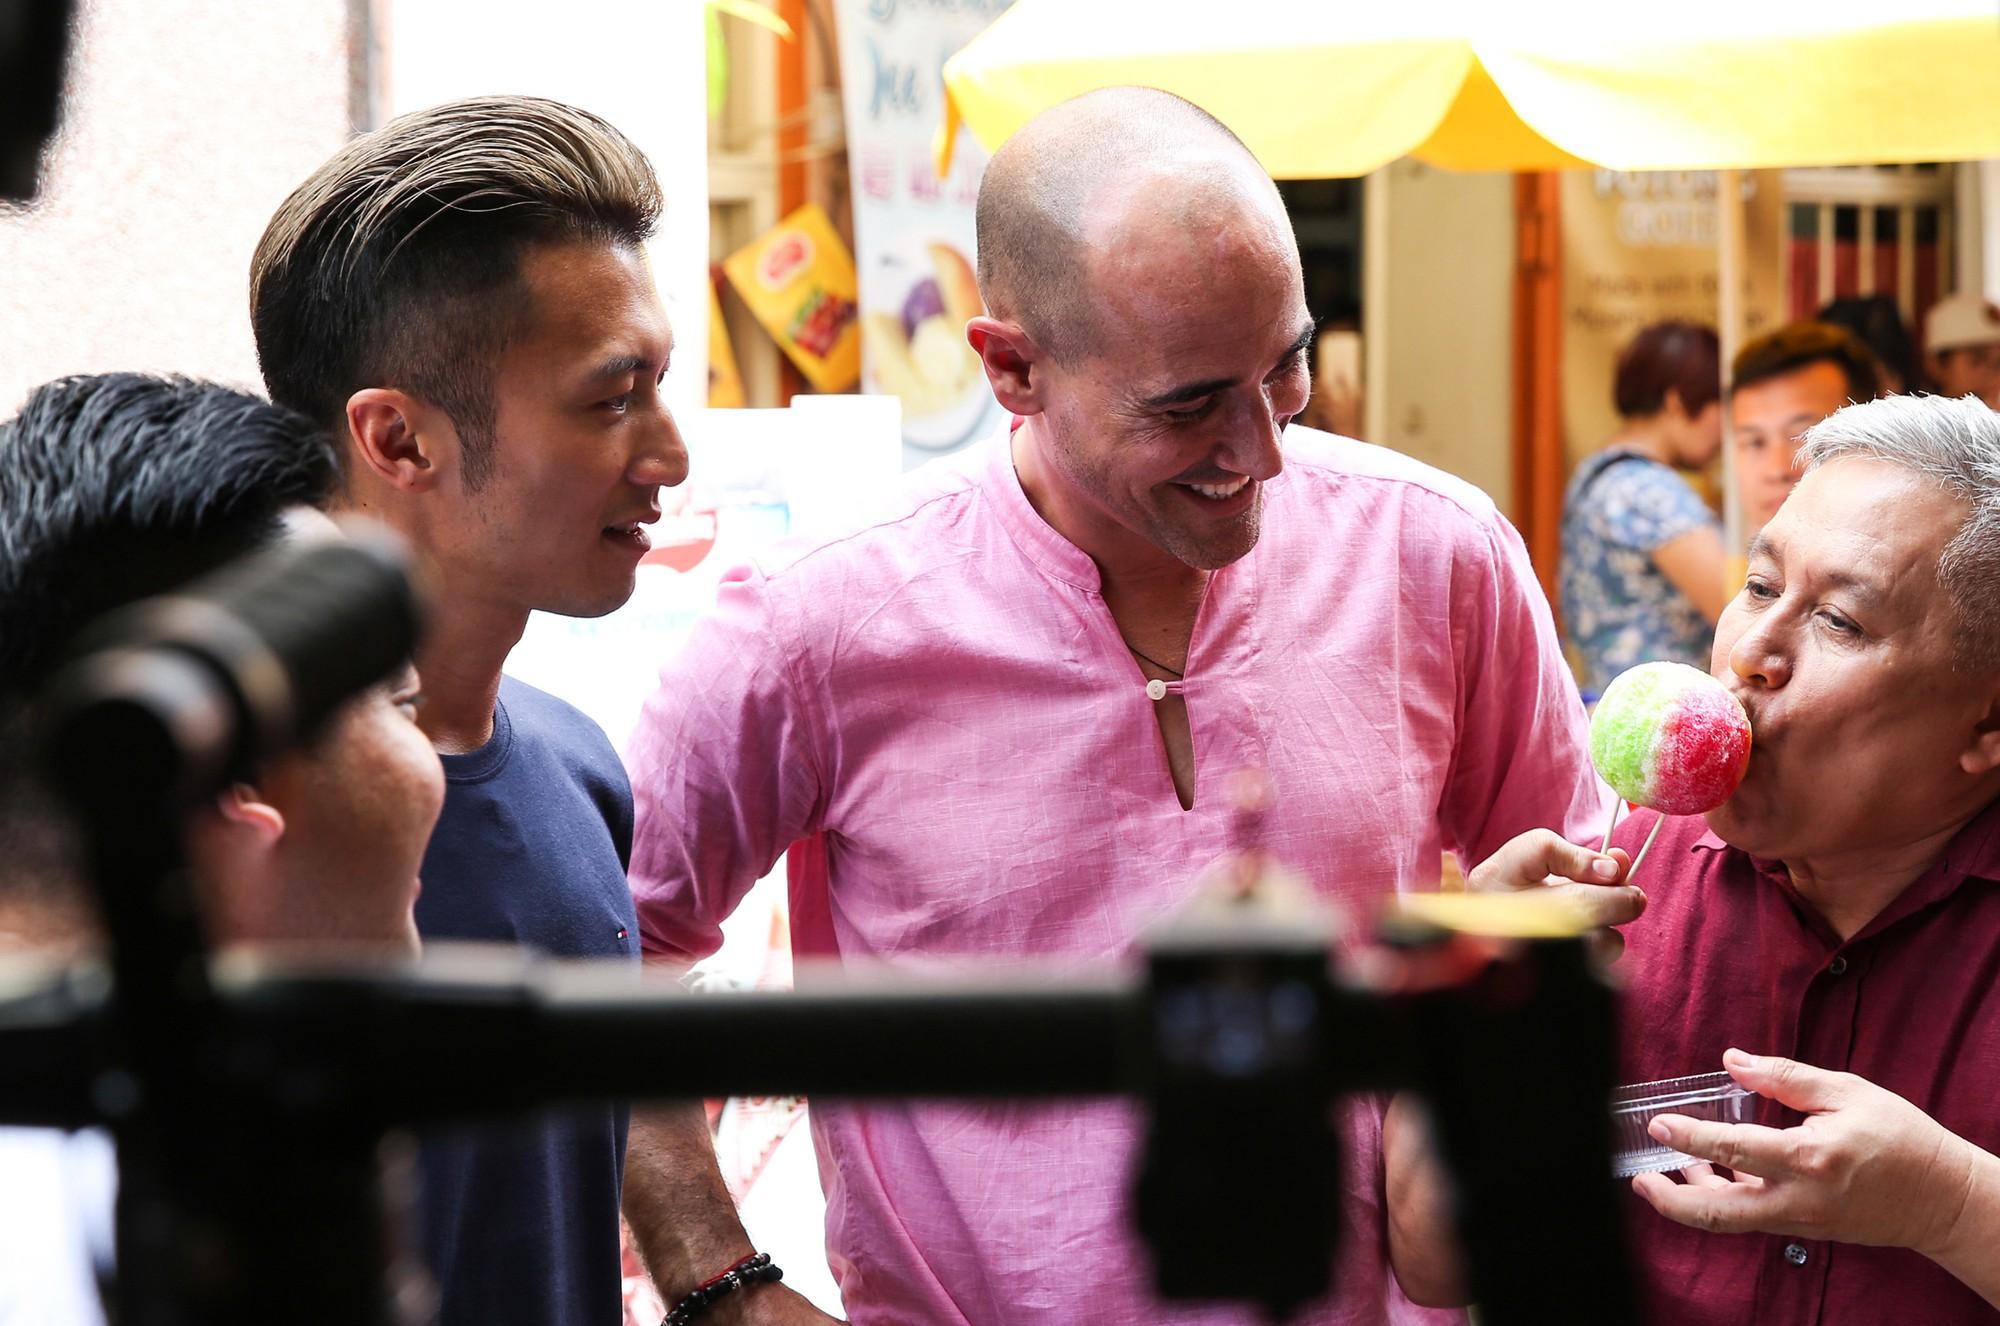 Lần thứ 3 thua cuộc trước Tạ Đình Phong, đầu bếp Tây bức xúc: Món đường phố mà muốn trang trí đẹp mắt? - Ảnh 3.